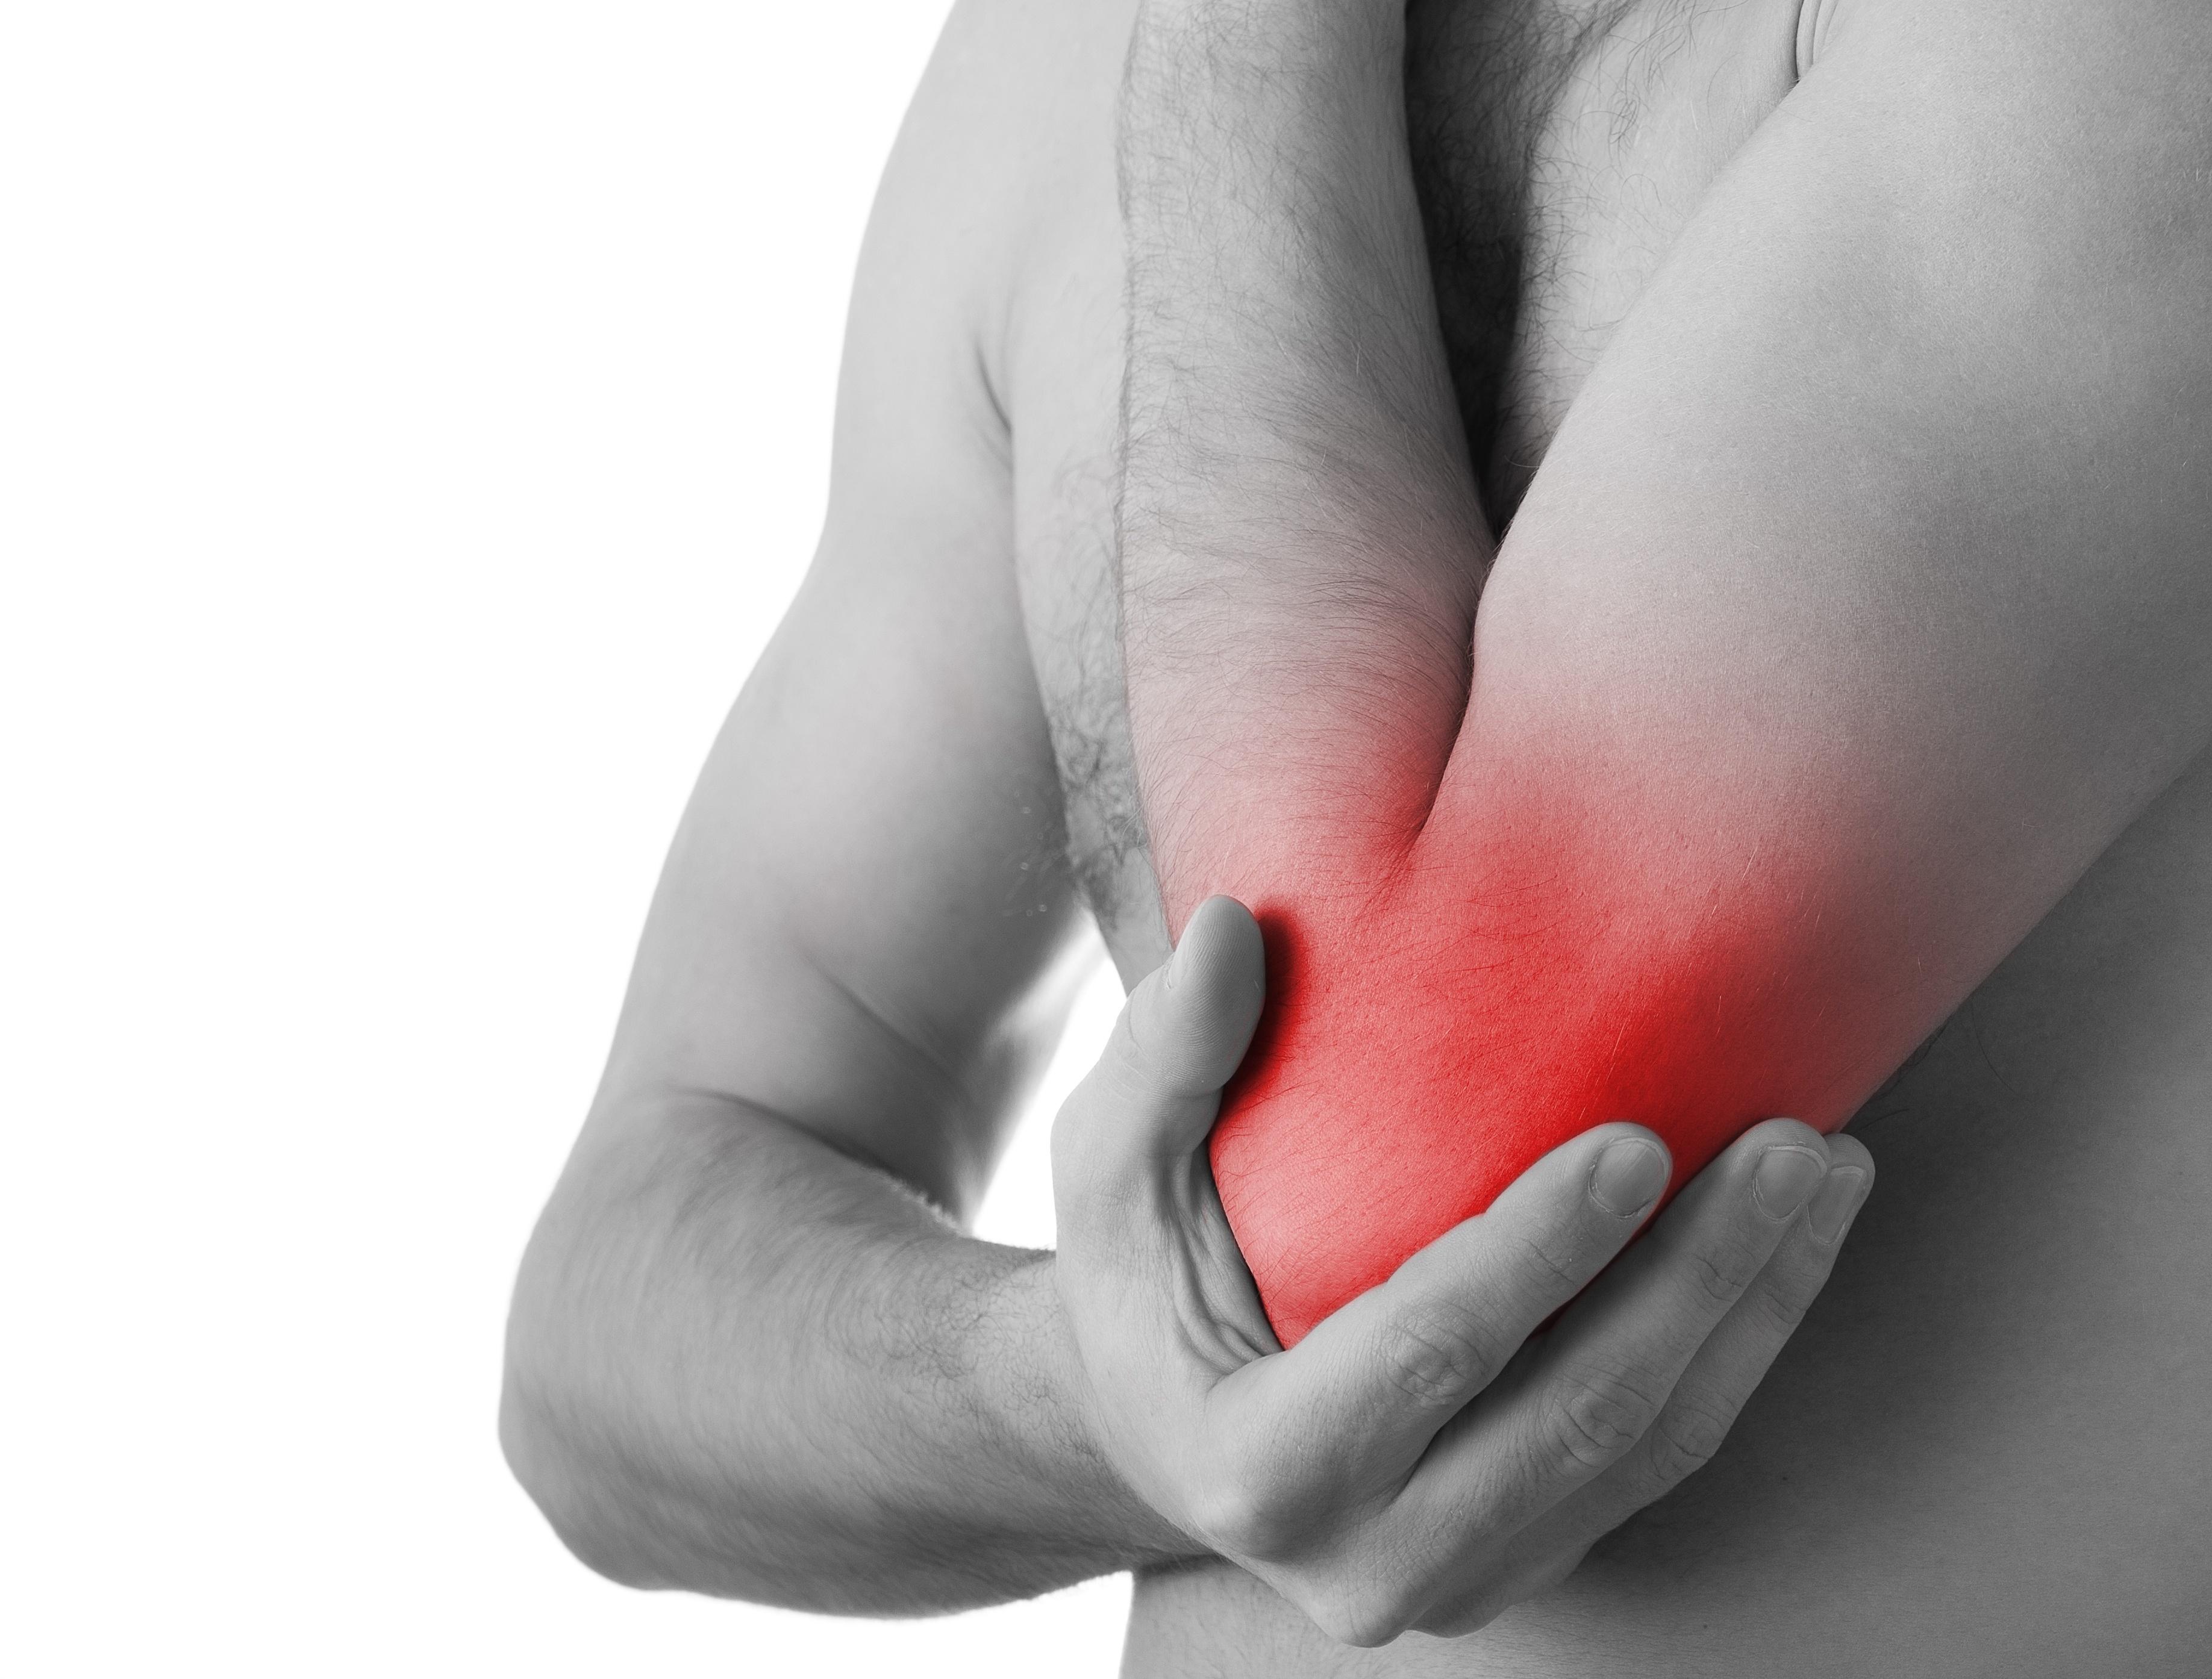 folyadék kezelése a csípőízületben a térd akut serózus ízületi gyulladása